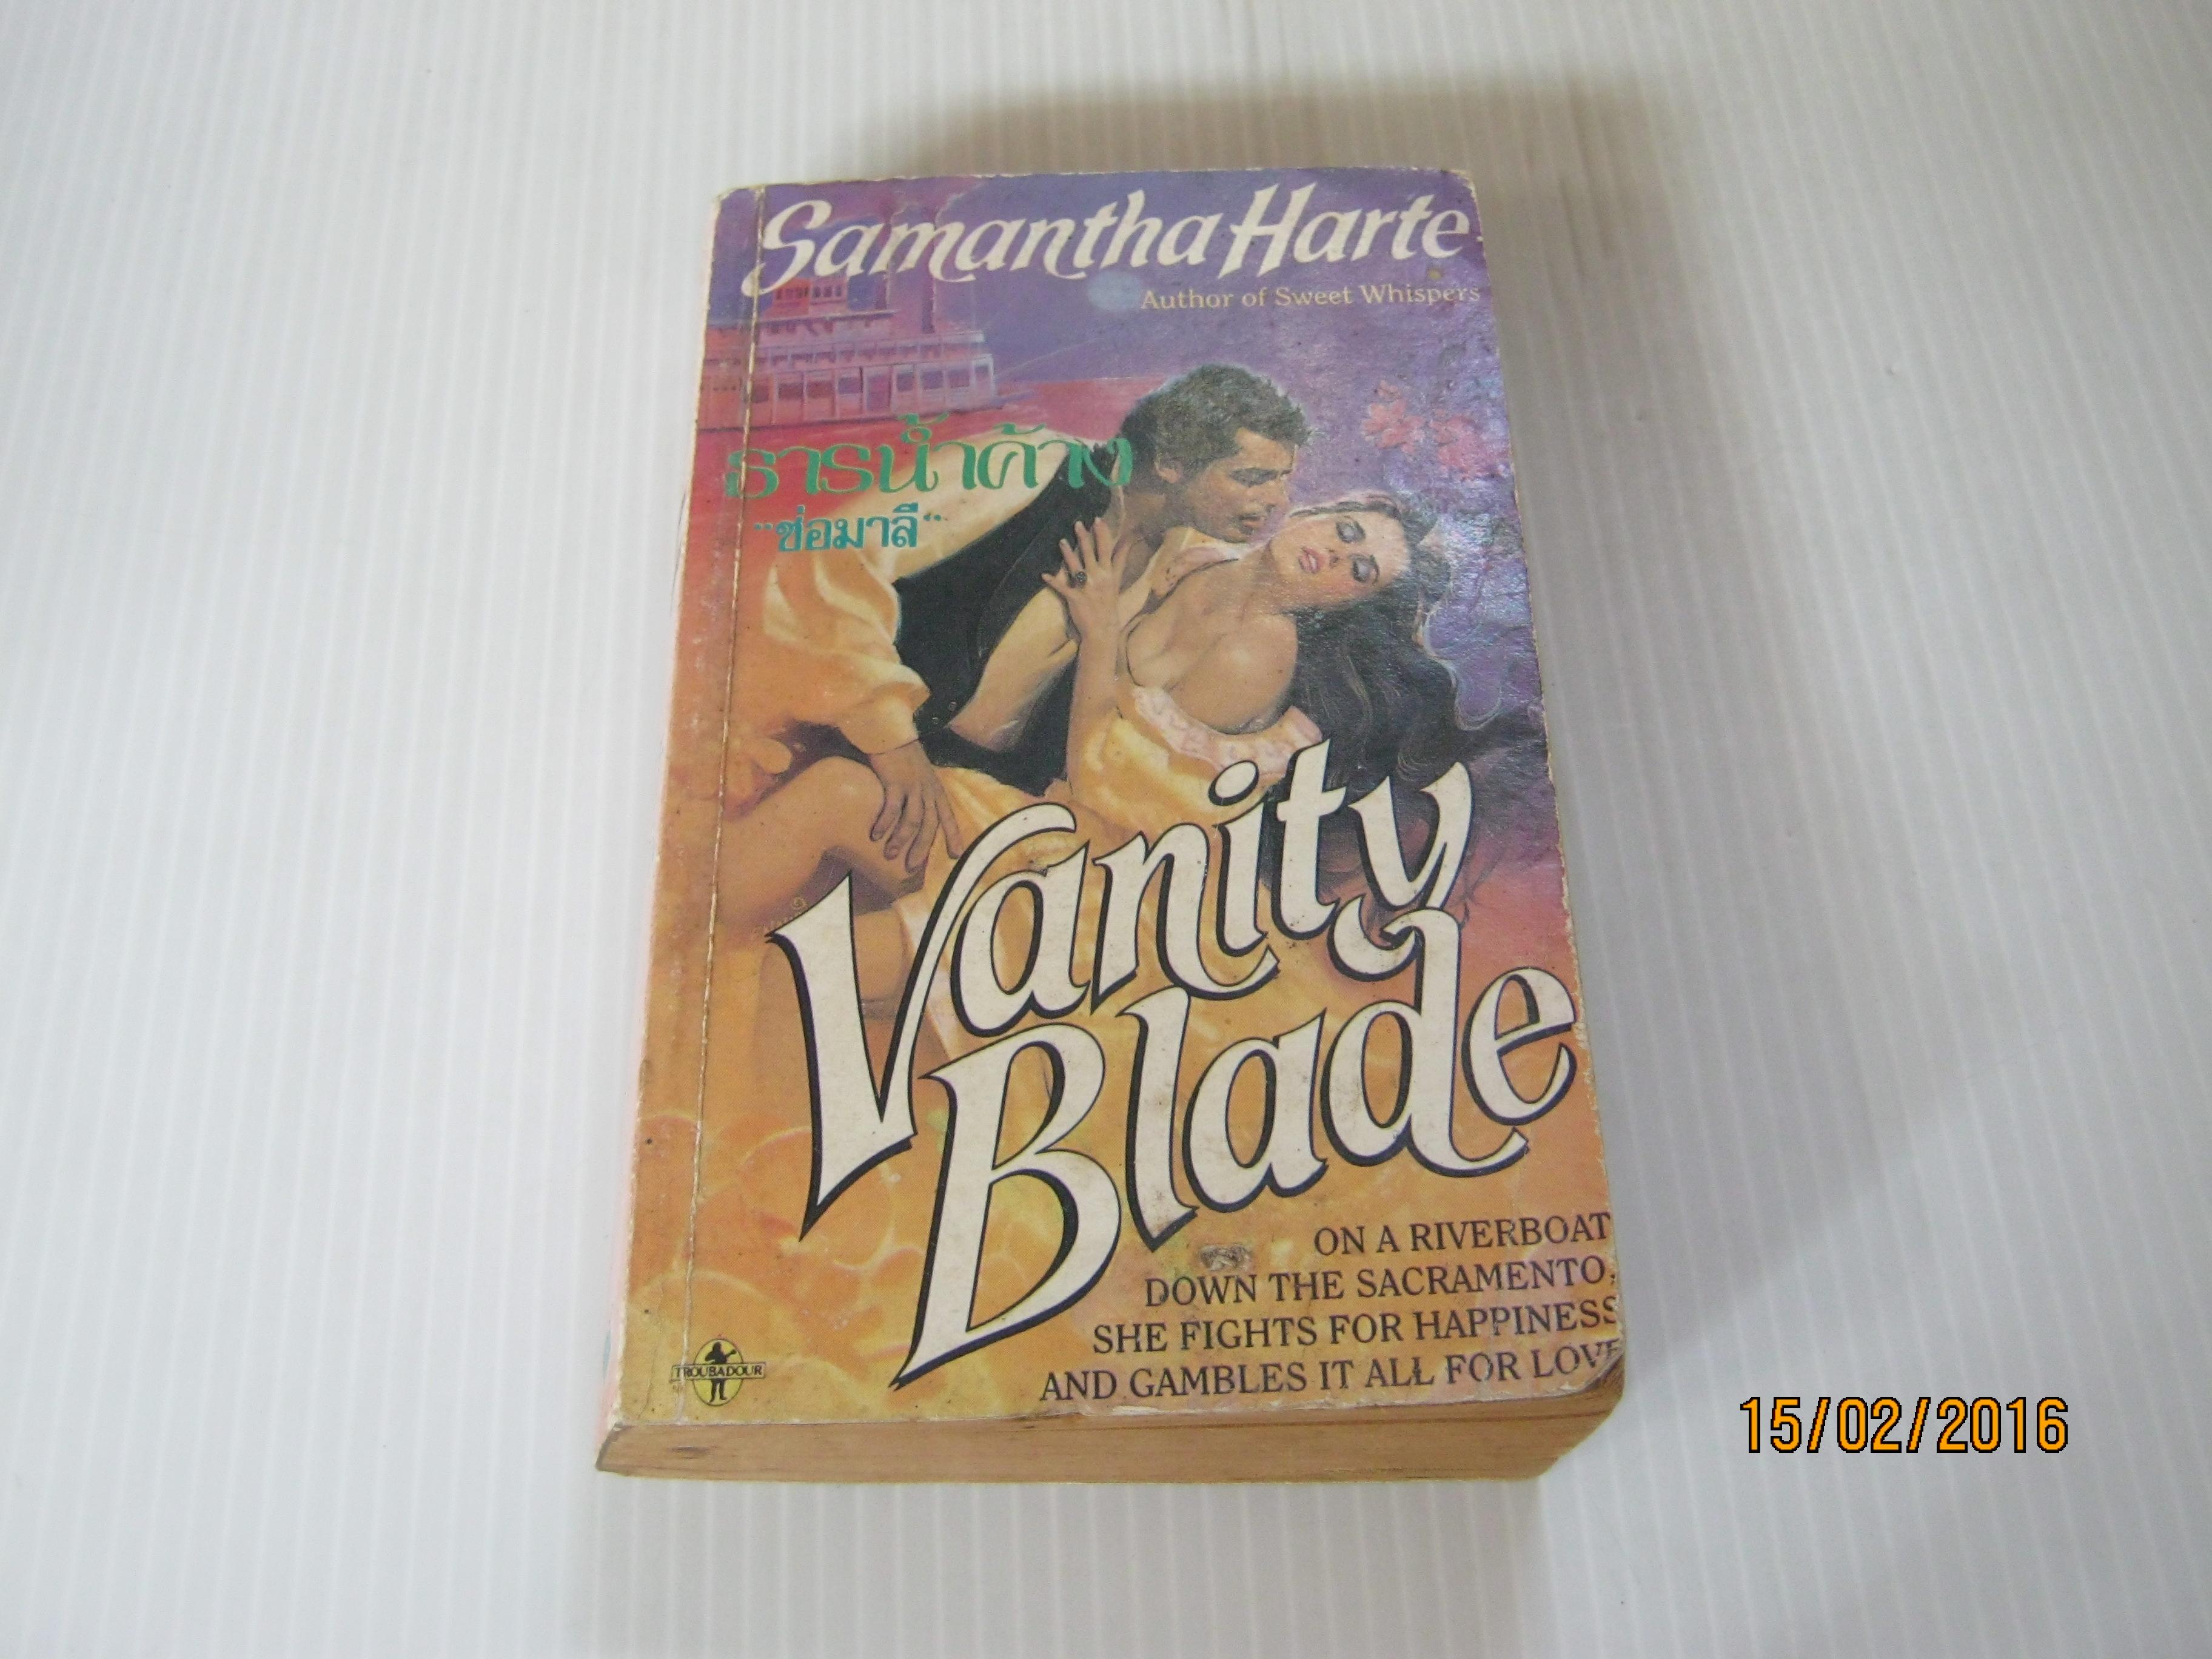 ธารน้ำค้าง (Vanity Blade) Samantha Harte เขียน ช่อมาลี แปล (จองแล้วค่ะ)